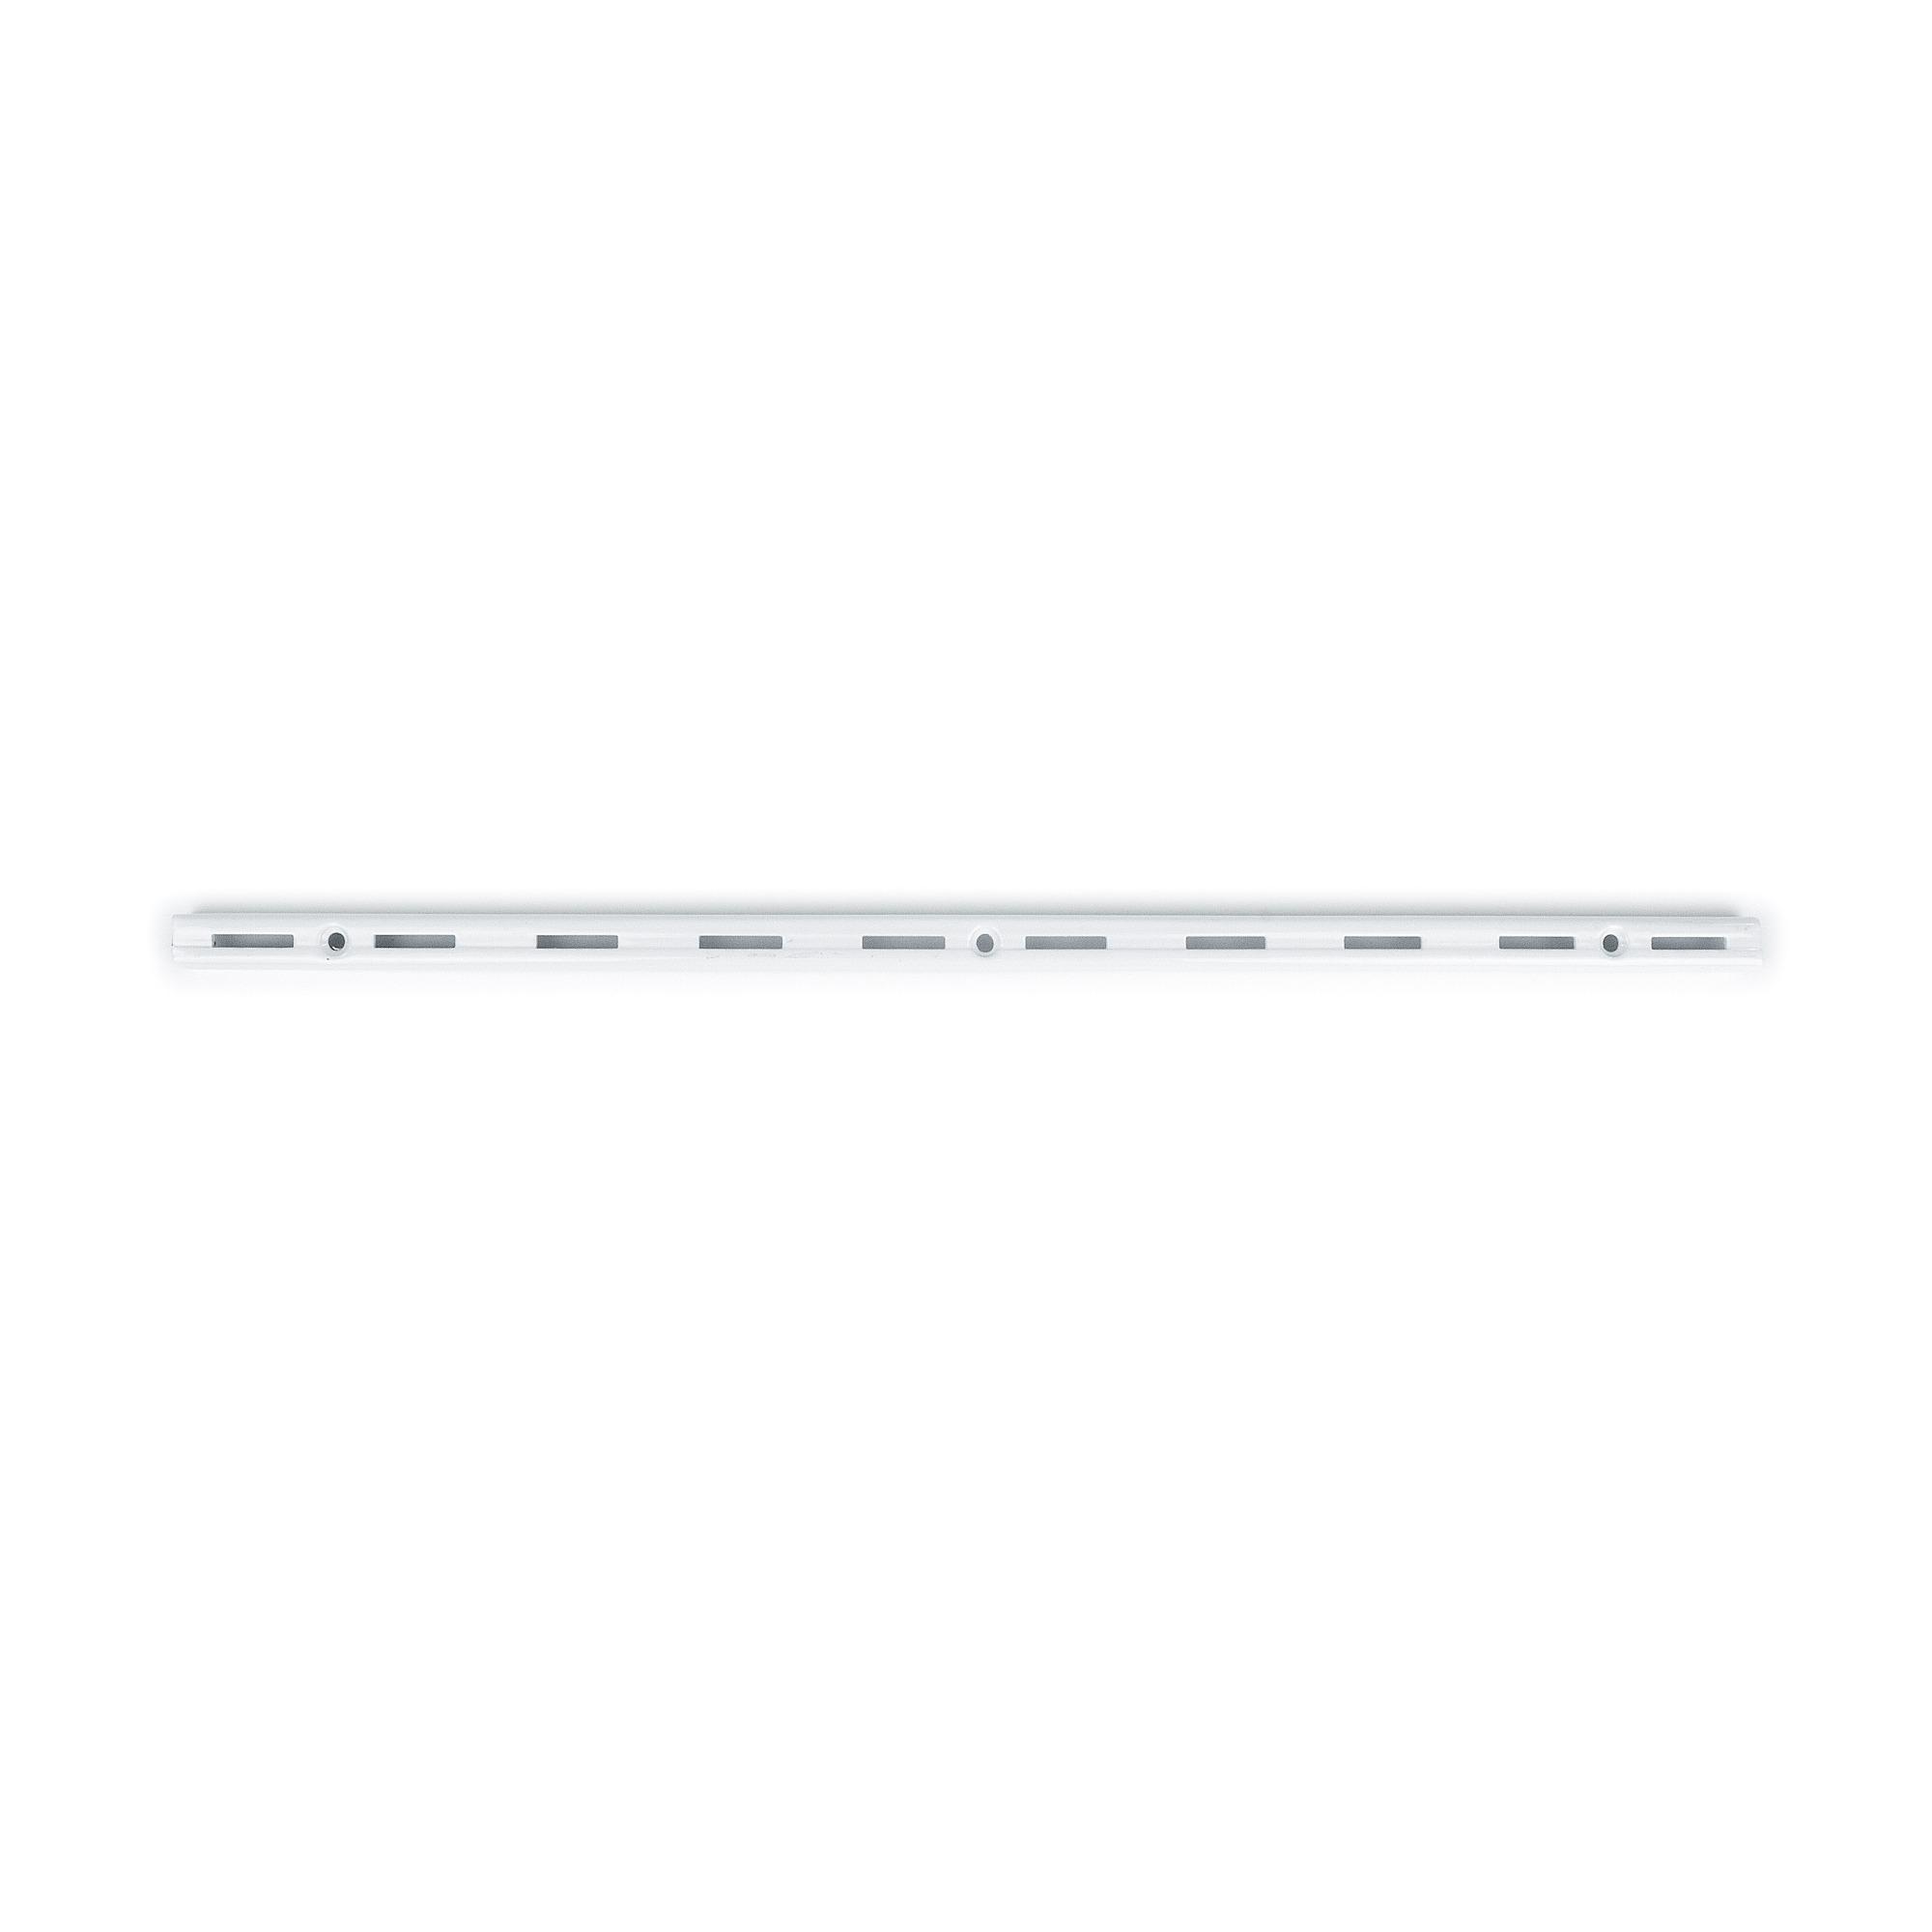 Trilho para prateleira de Aco Encaixe Simples 100cm Branco - Fico